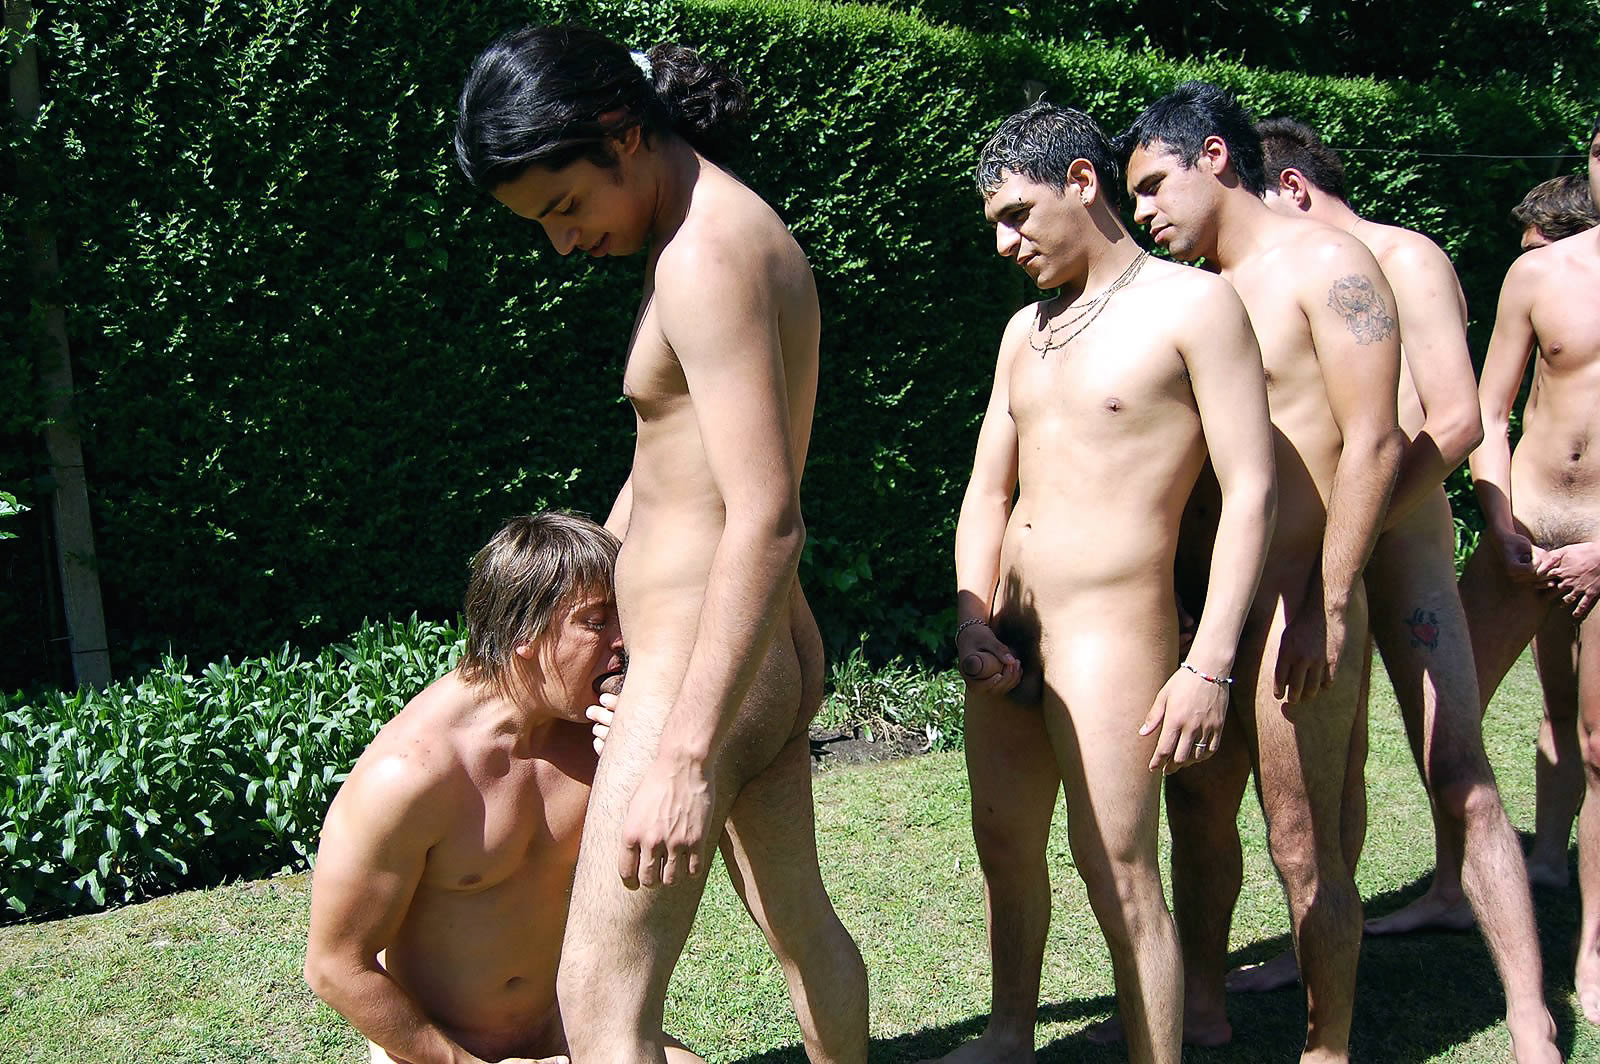 tadzhikskiy-seks-parni